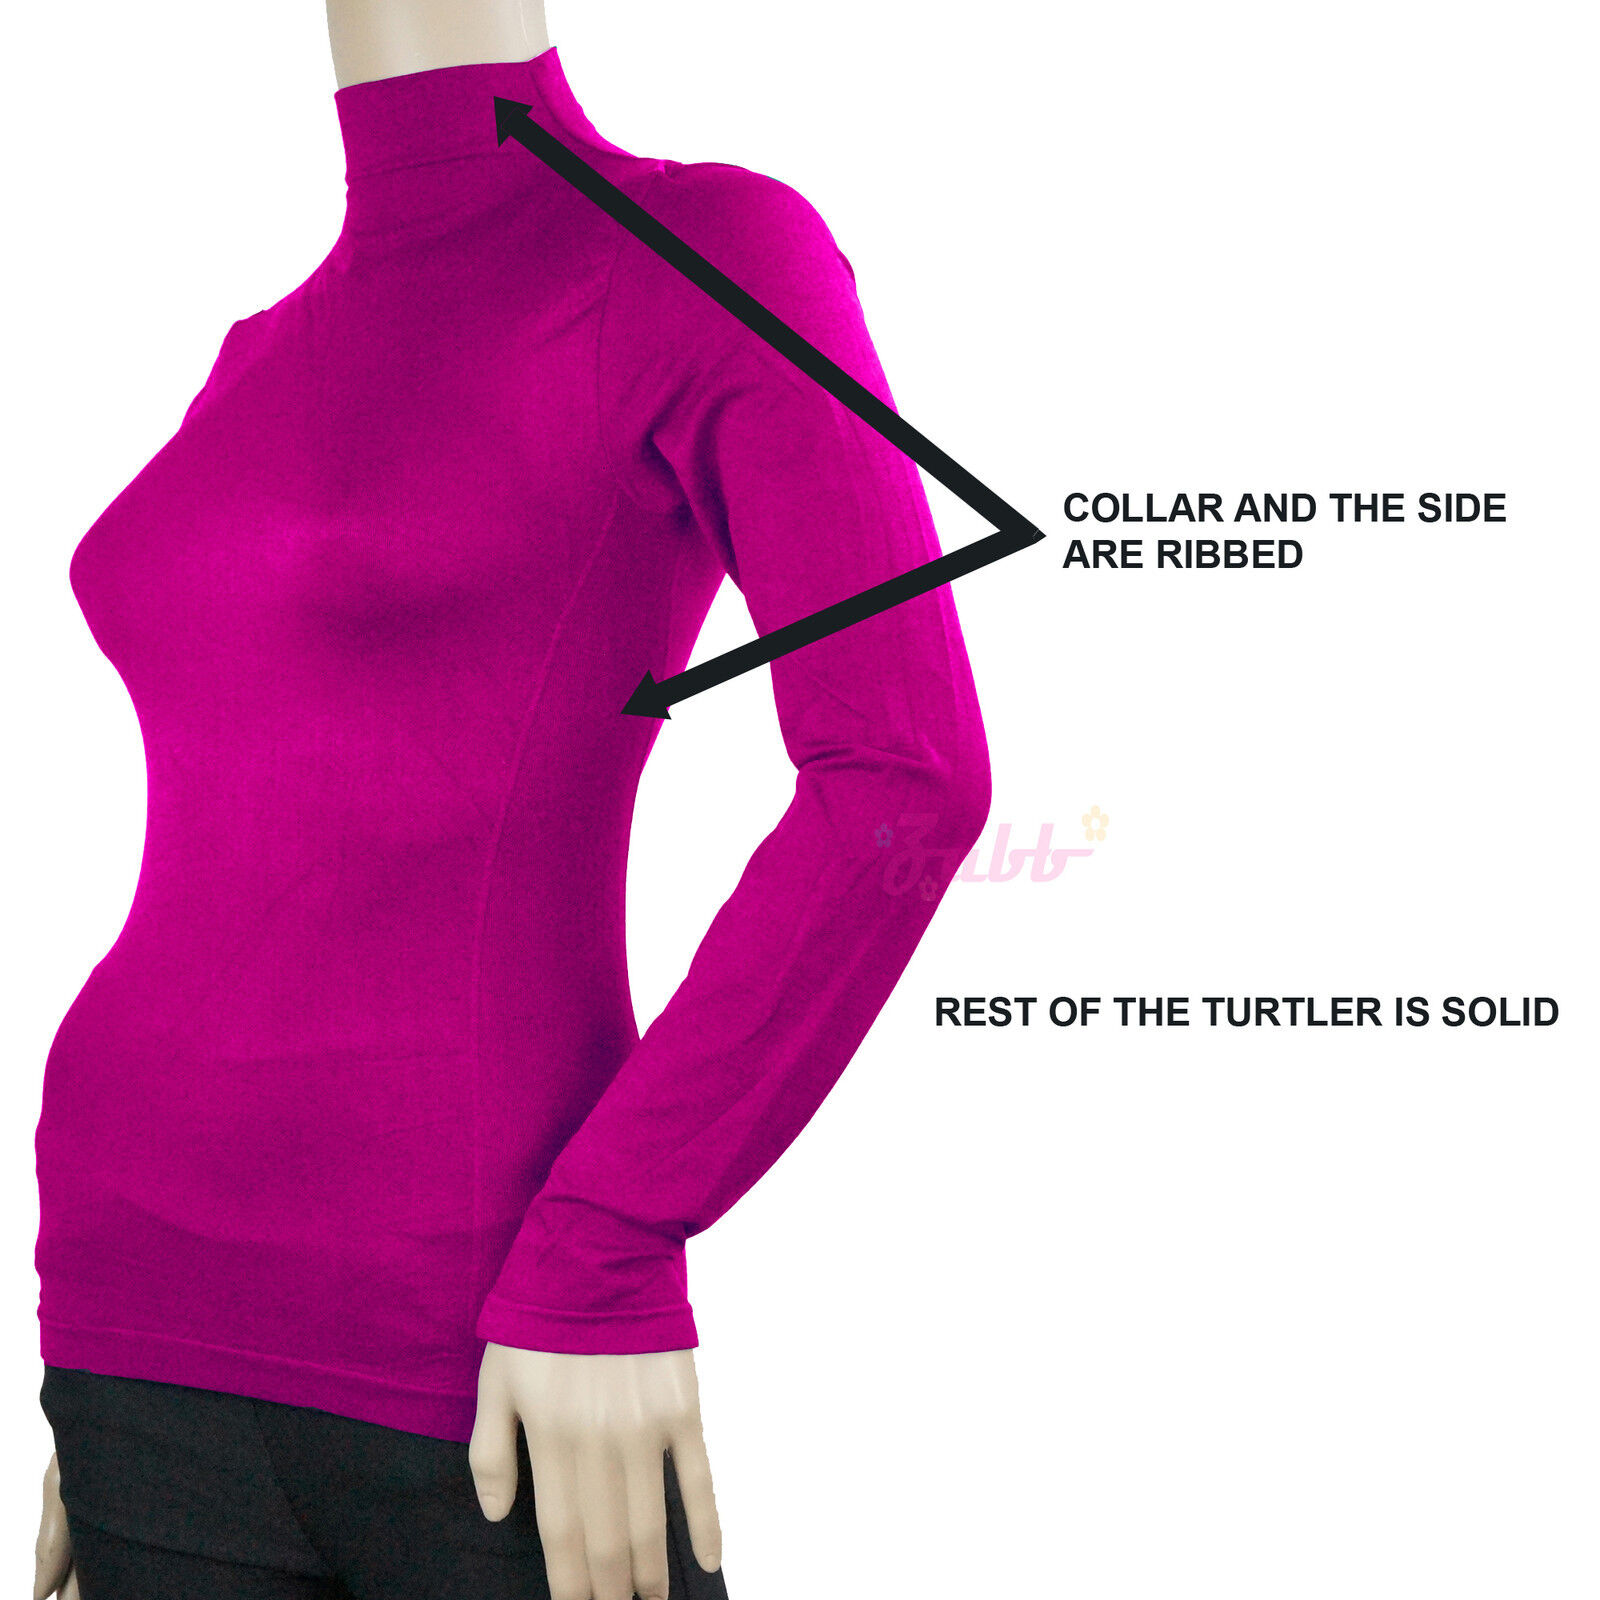 как выглядит Женская футболка с длинным рукавом SOFT SEAMLESS STRETCH LONG SLEEVE SHIRT TURTLENECK MOCK HIGH NECK TOP SLIM FIT фото